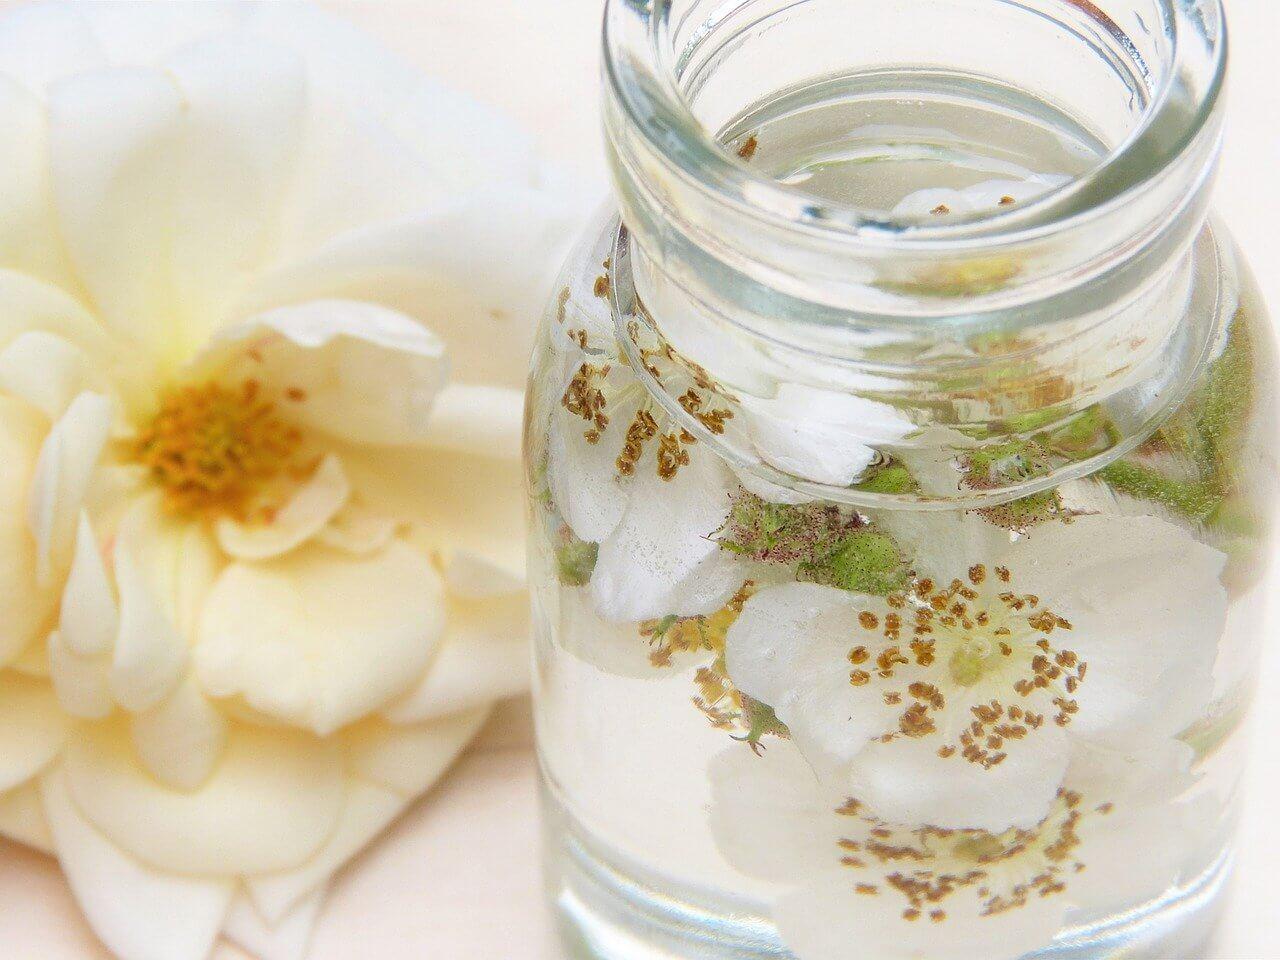 いい香りのボディローション・ボディミルクおすすめ10選!秋冬の乾燥対策に!